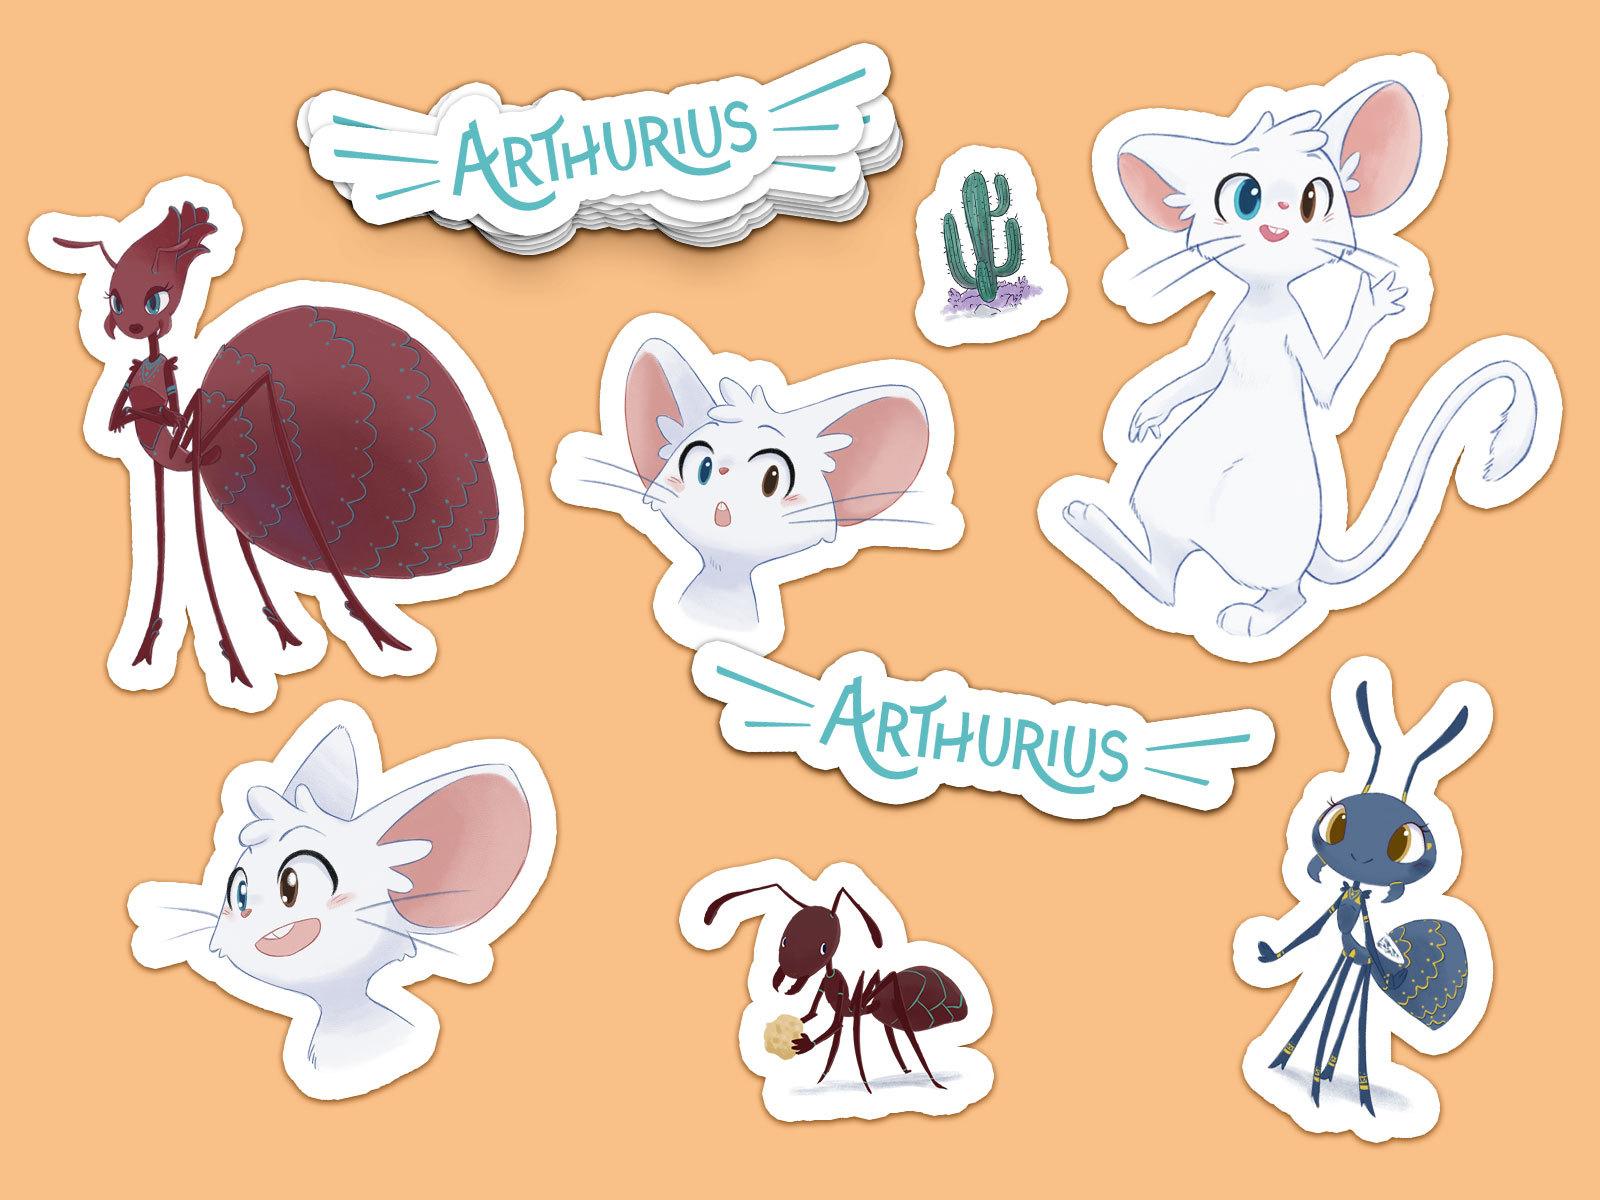 Mockup Arthurius Stickers